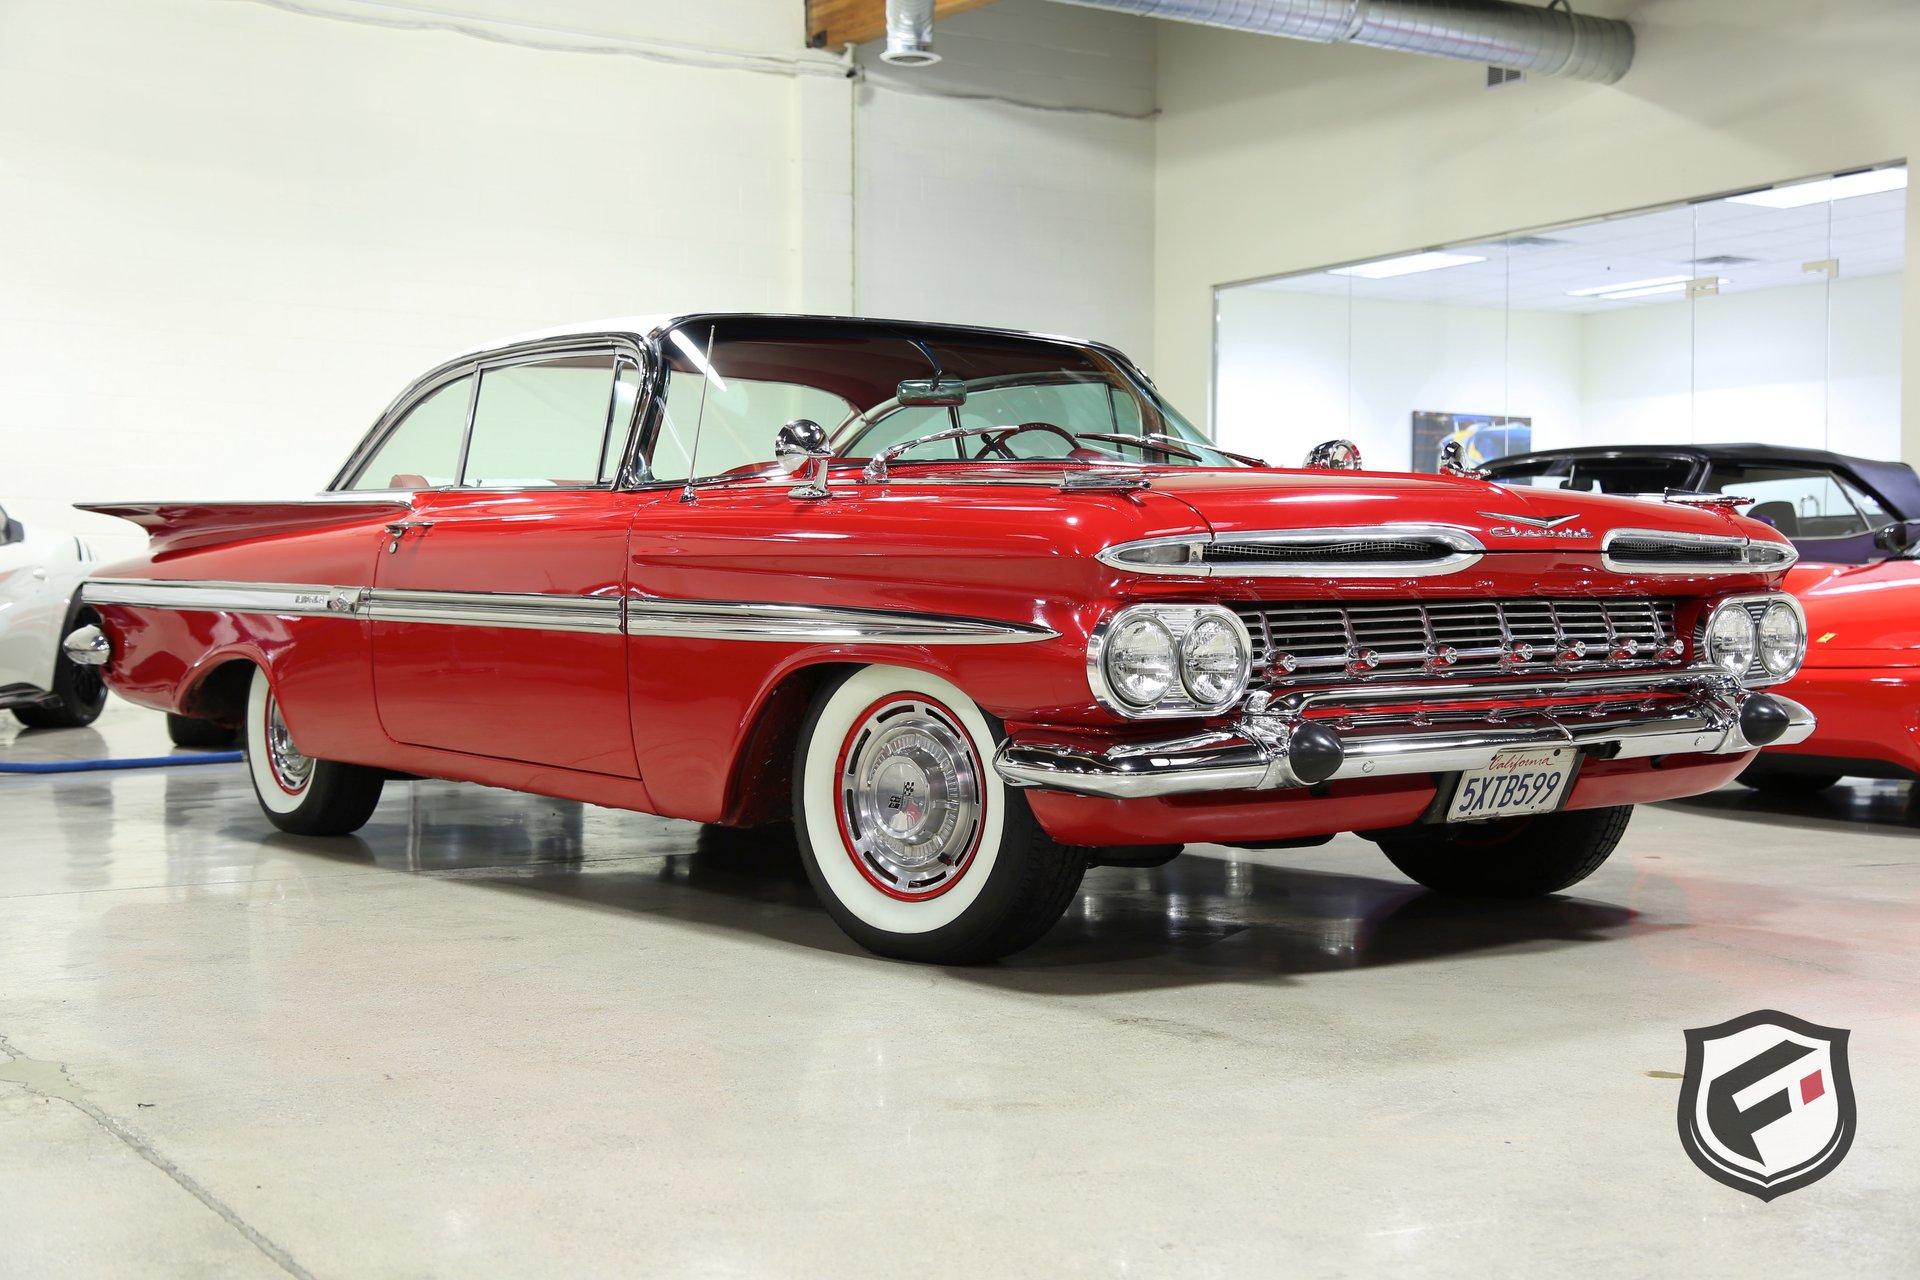 Kelebihan Kekurangan Impala 1959 Top Model Tahun Ini